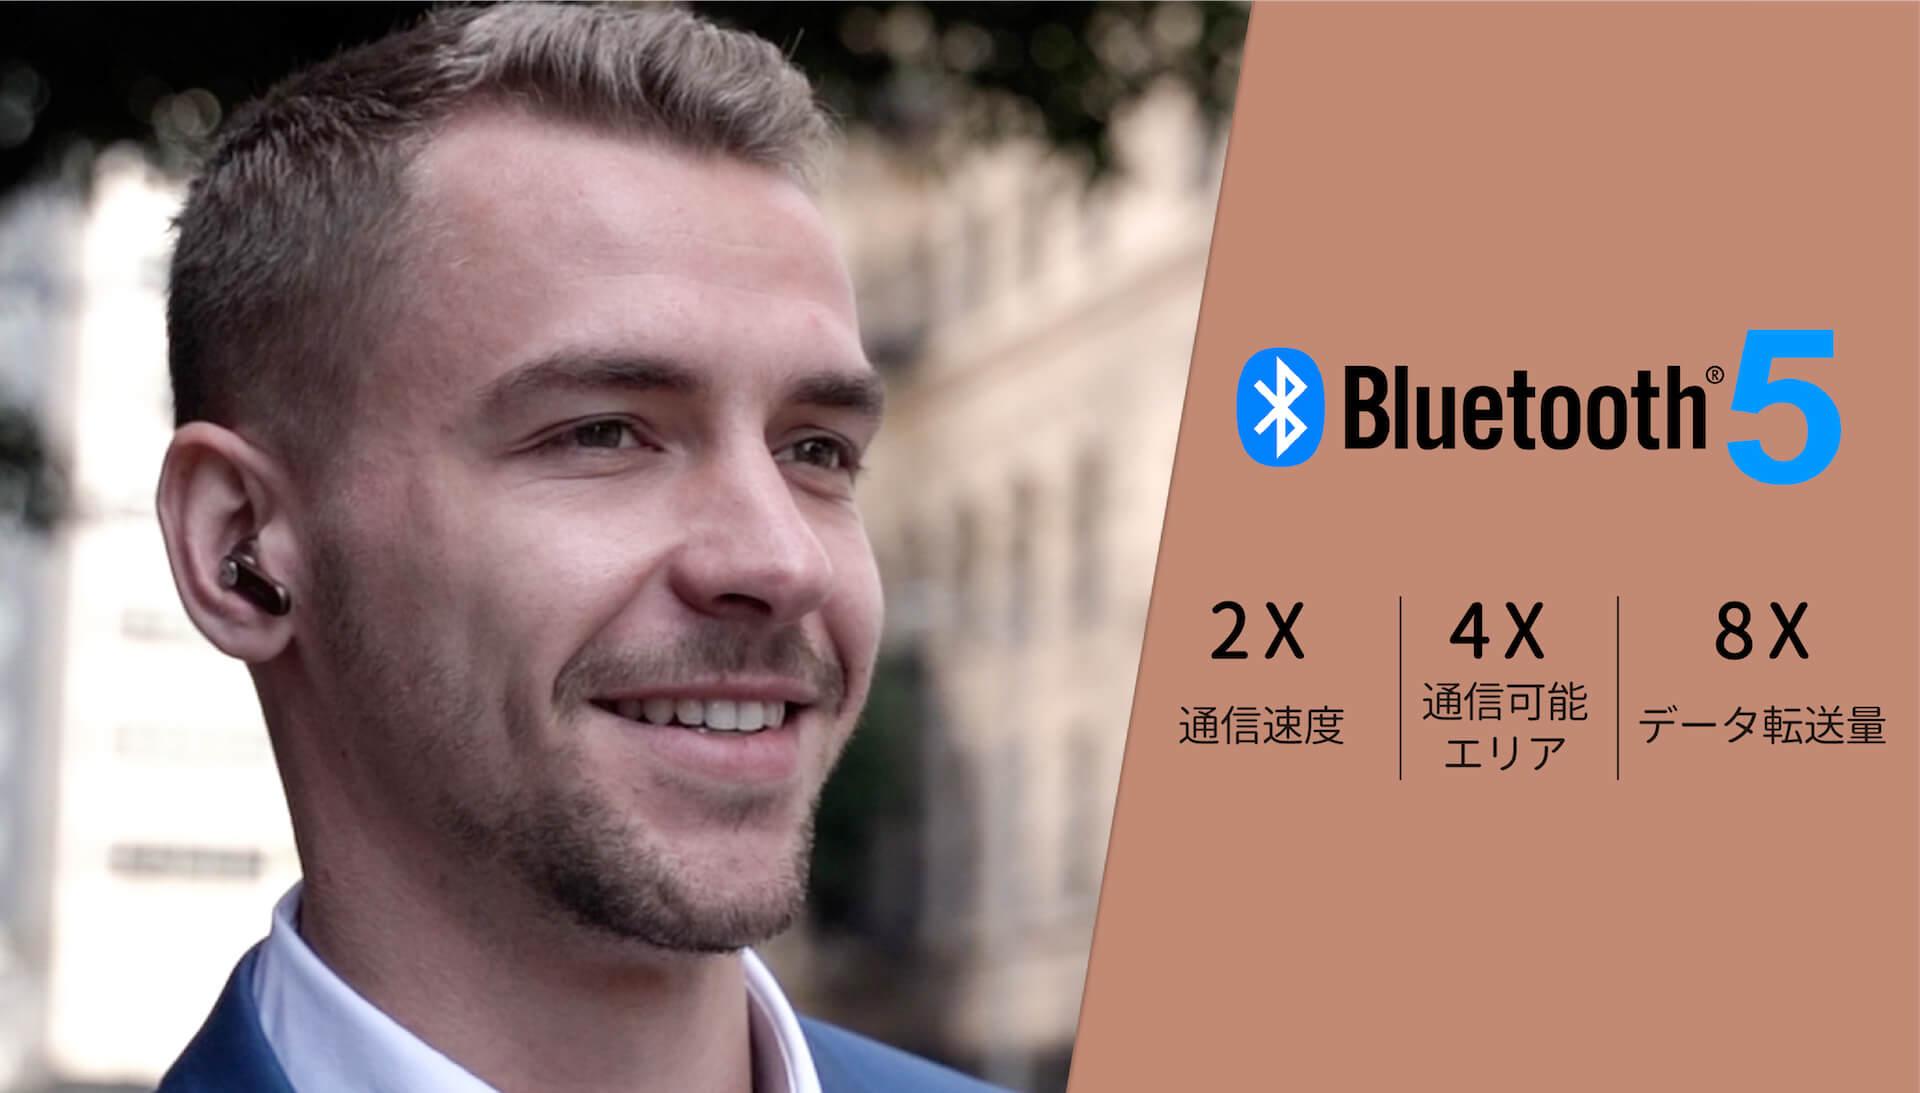 クラウドファンディング開始から5日で650万円達成!世界最薄クラスのワイヤレスイヤホン「CARD20」がMakuakeに登場 tech200121_card20_5